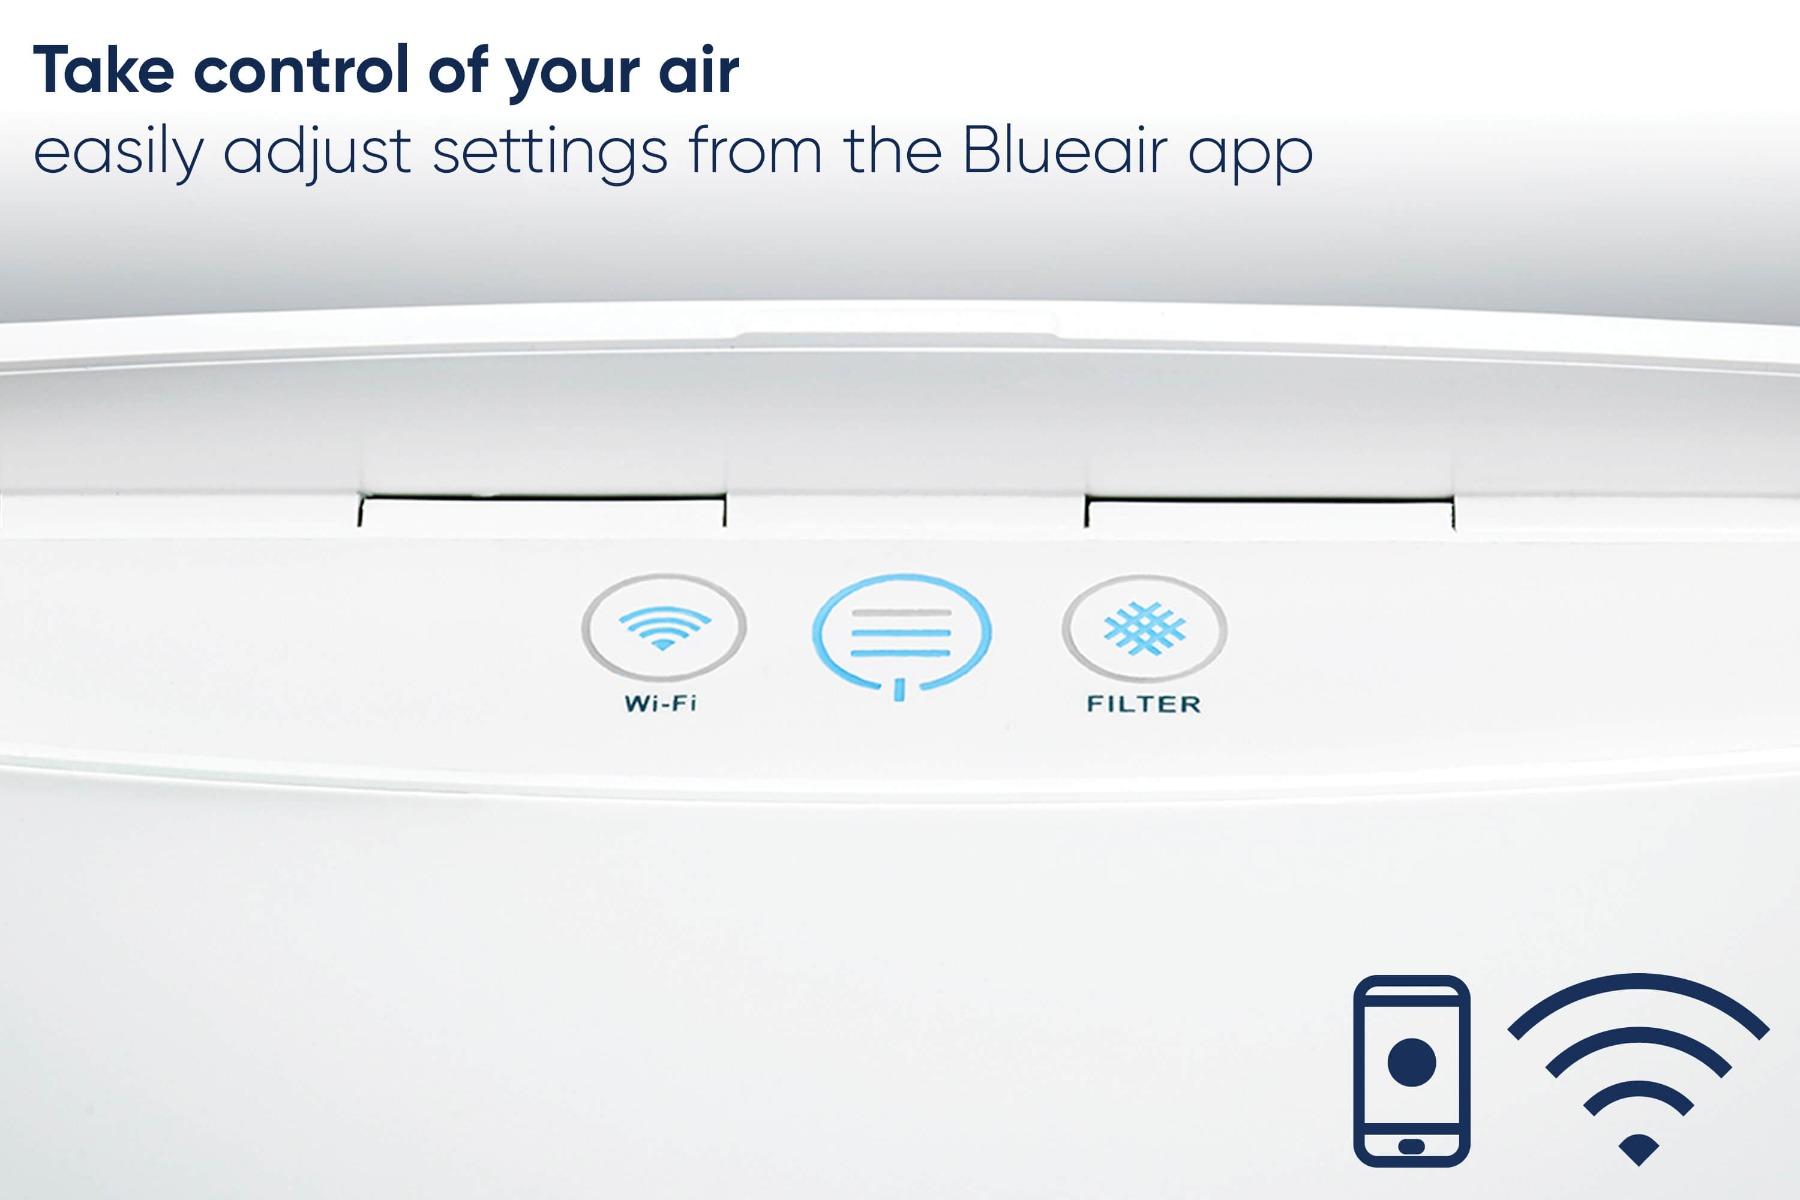 Blueair Classic 405 Air Purifier Wifi enabled